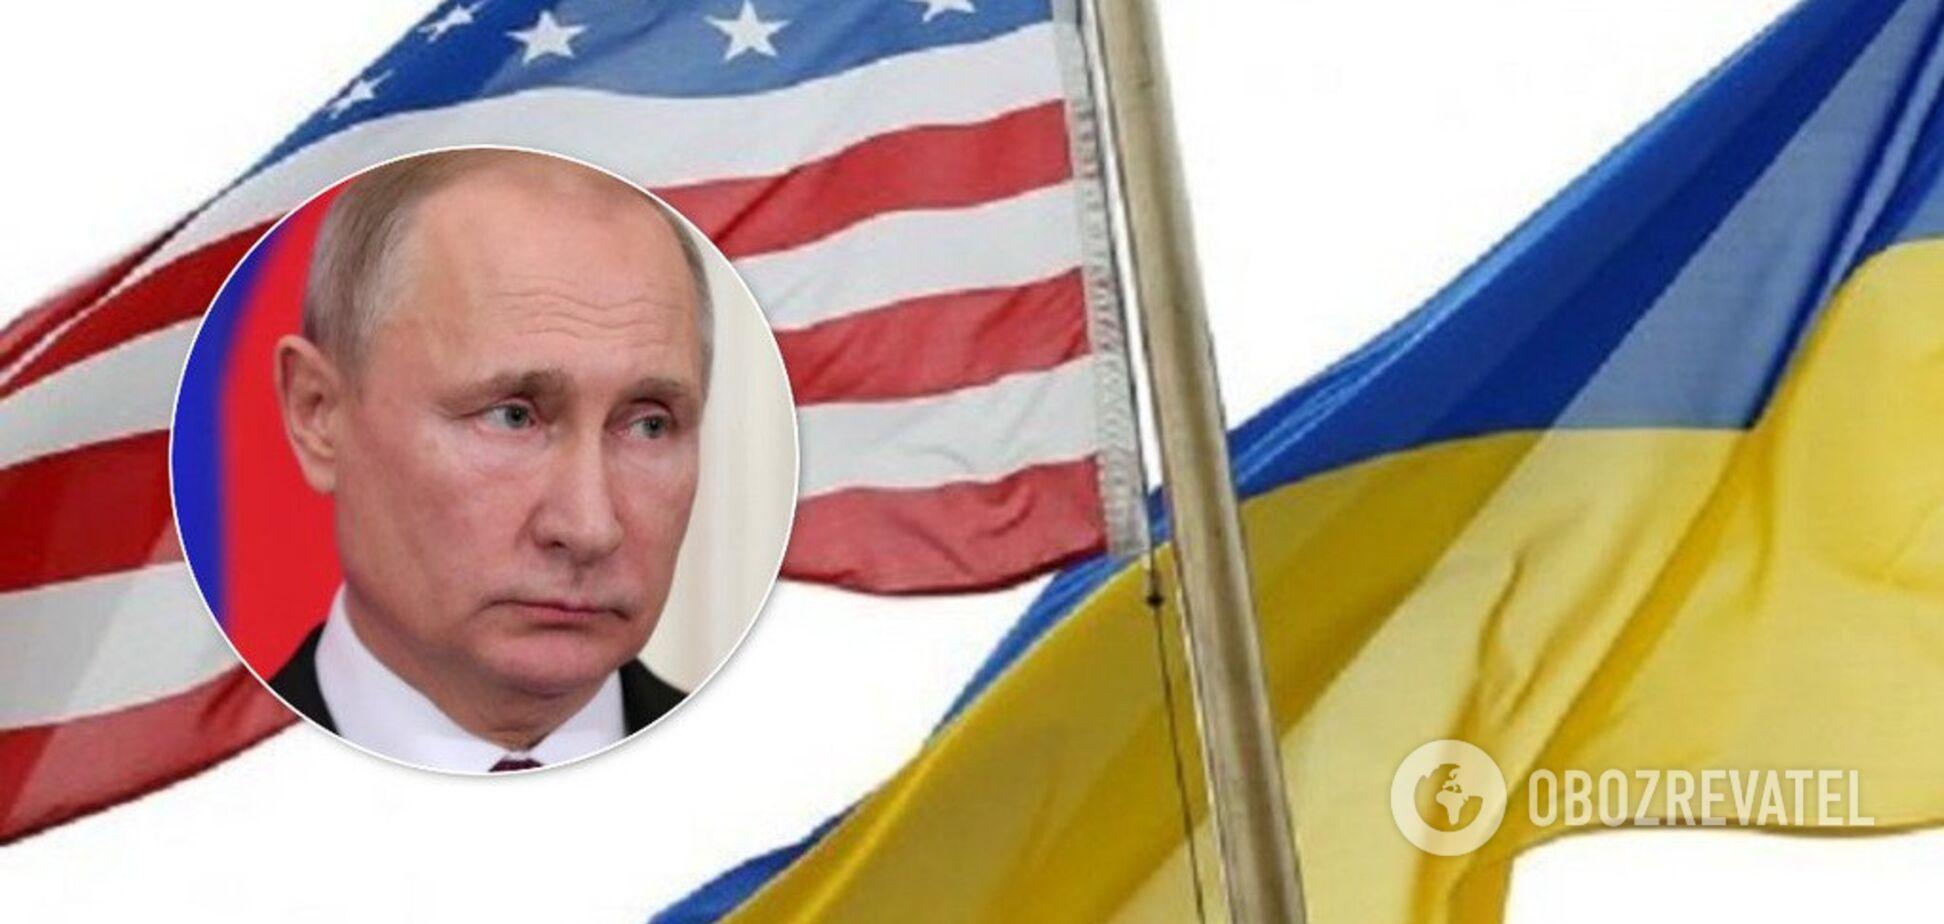 Выборы на Донбассе: США поставили Путину жесткий ультиматум